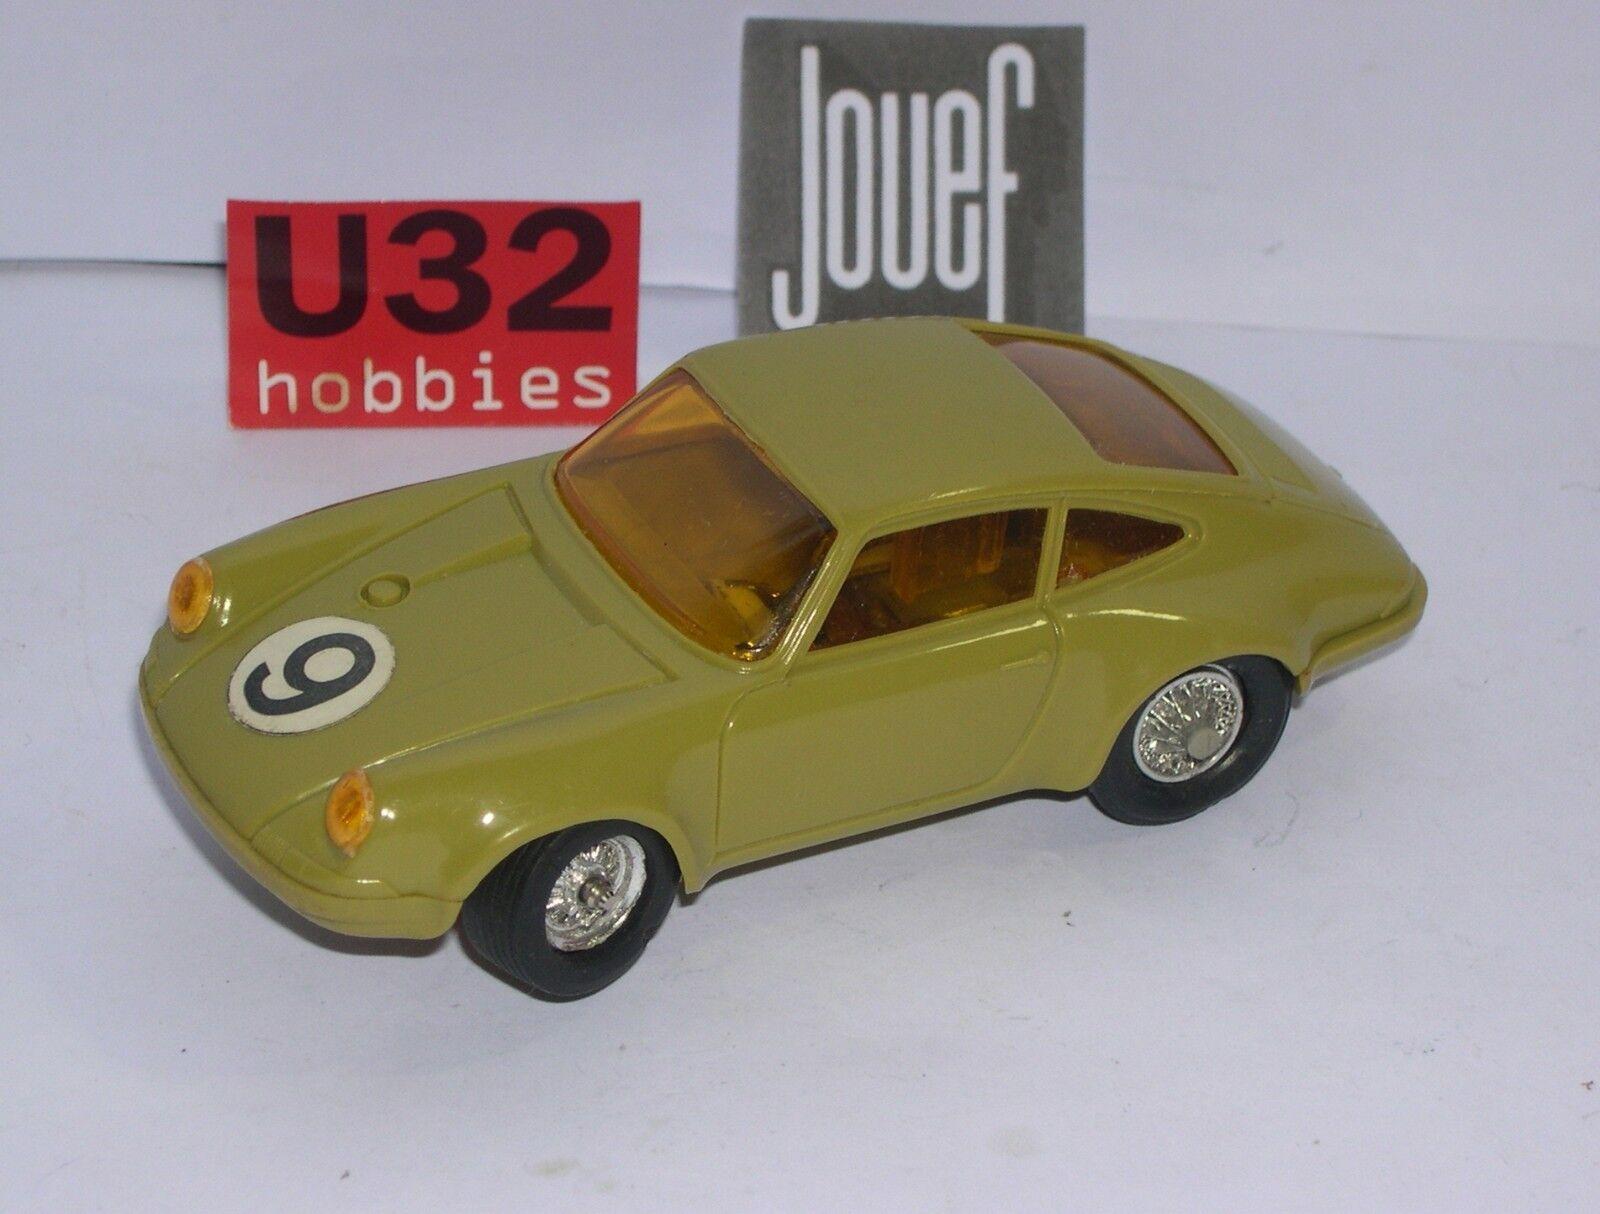 FN JOUEF 3658 SMasse CAR PORSCHE 911 S  9 AUSGEZEICHNET ZUSTAND UNBOXED